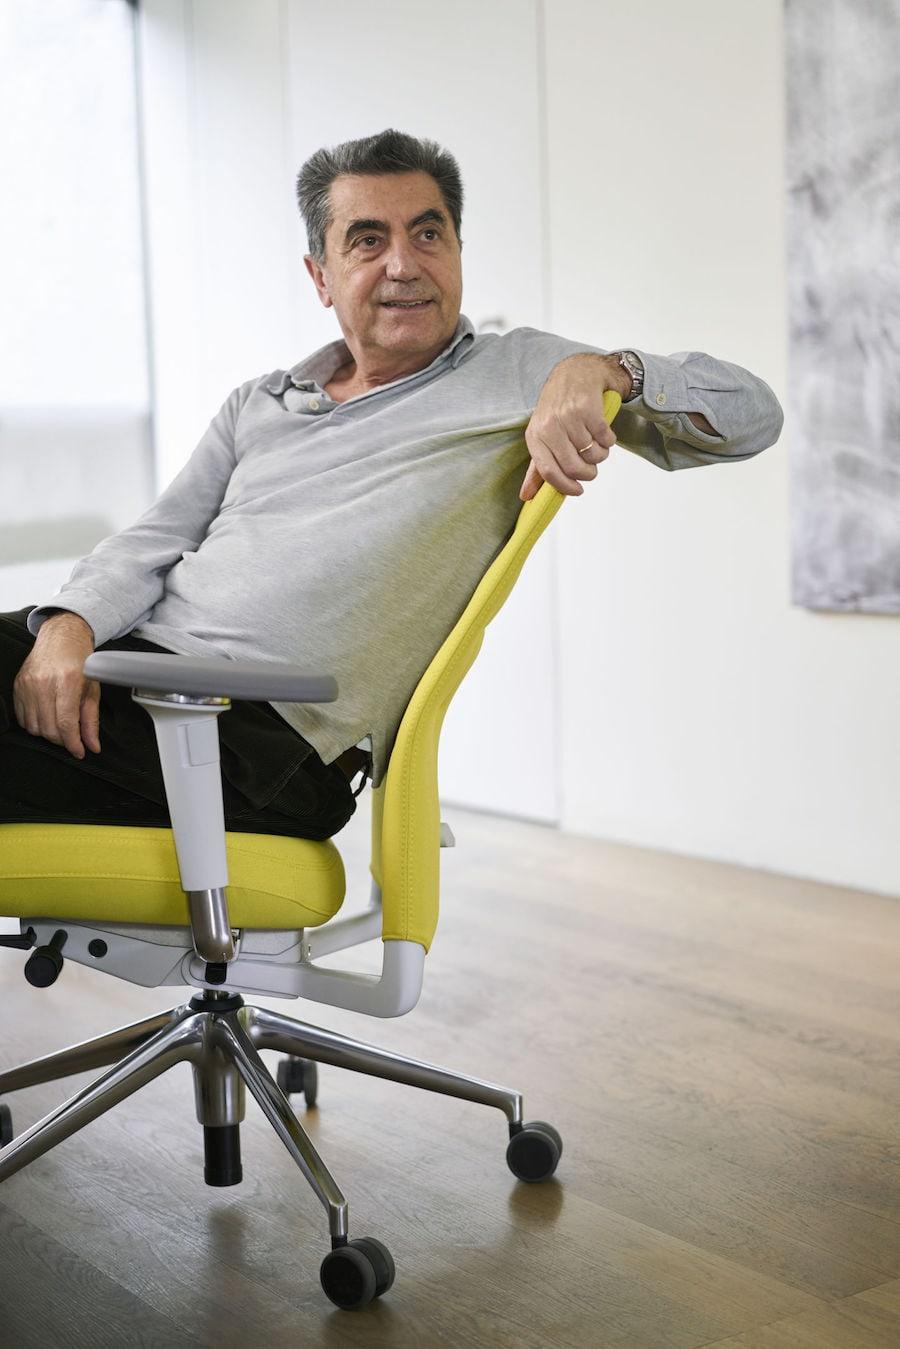 Designer Antonio Citterio